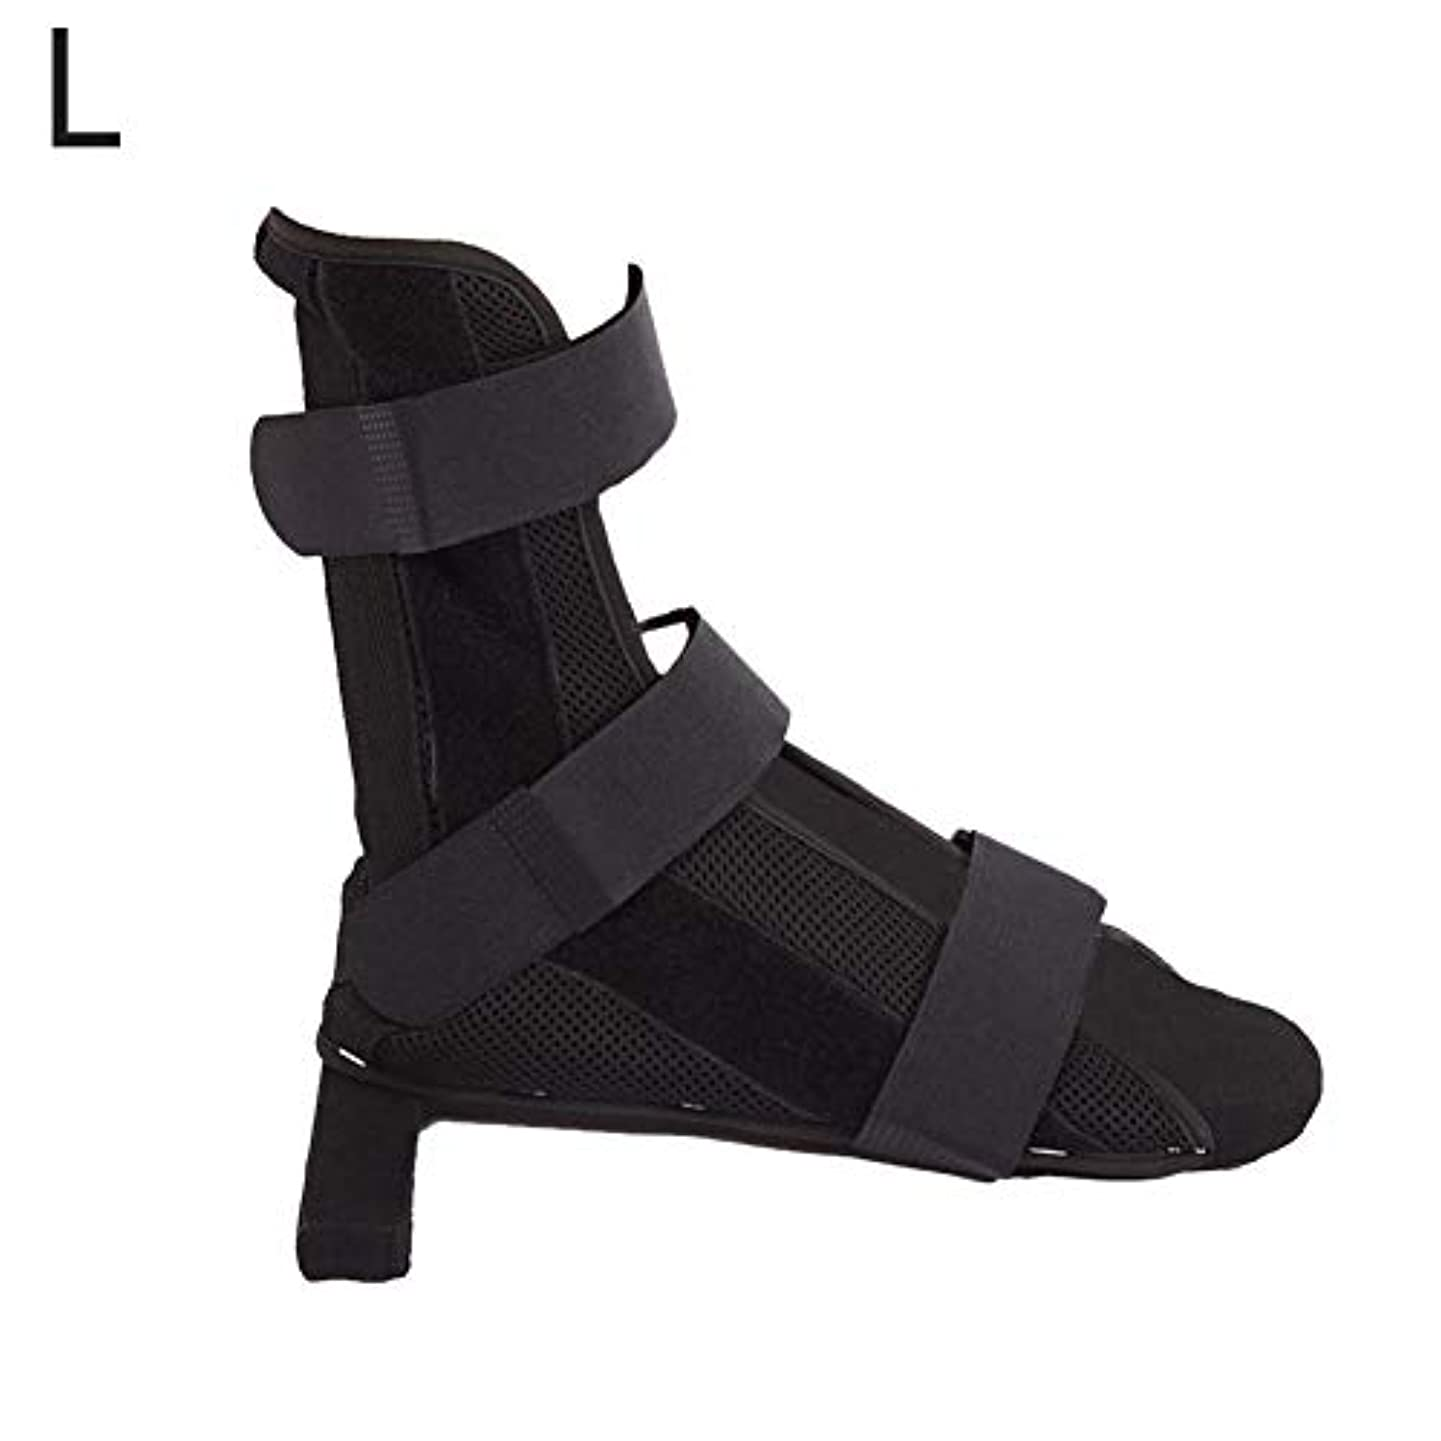 アレイ活力郵便番号足底筋膜スプリント足の再生のための3枚のプラスチック鋼板痛みの緩和のため整形外科リハビリテーション